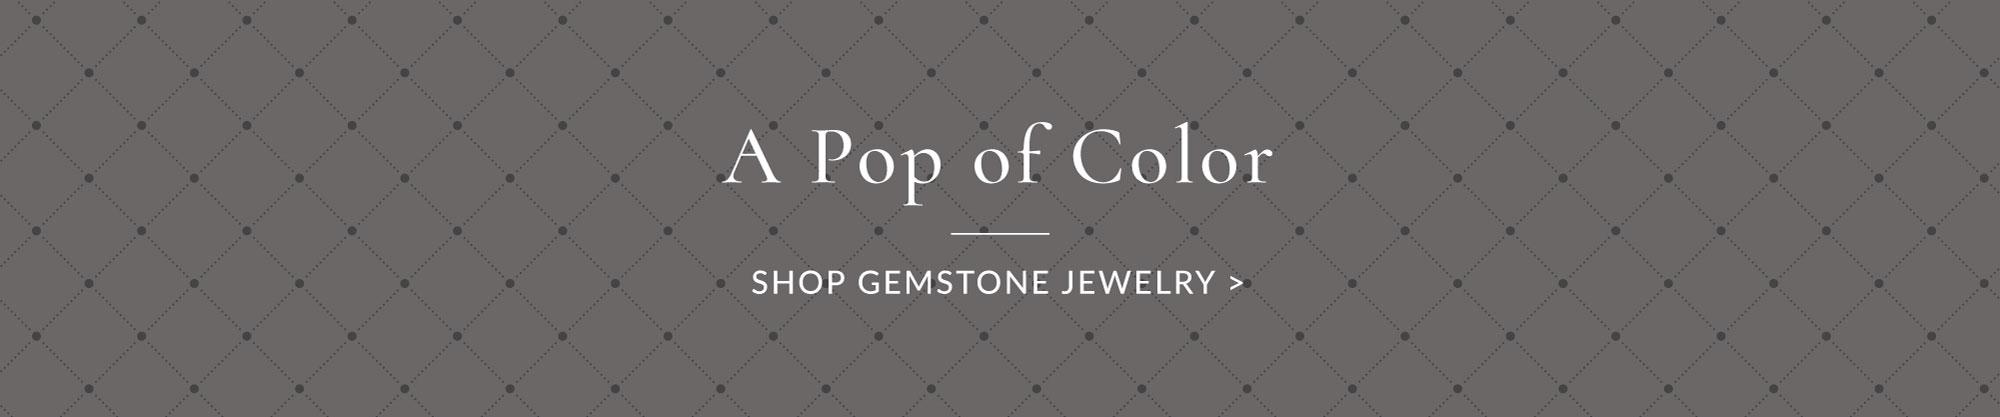 Gemstone Jewelry - Shop Gemstone